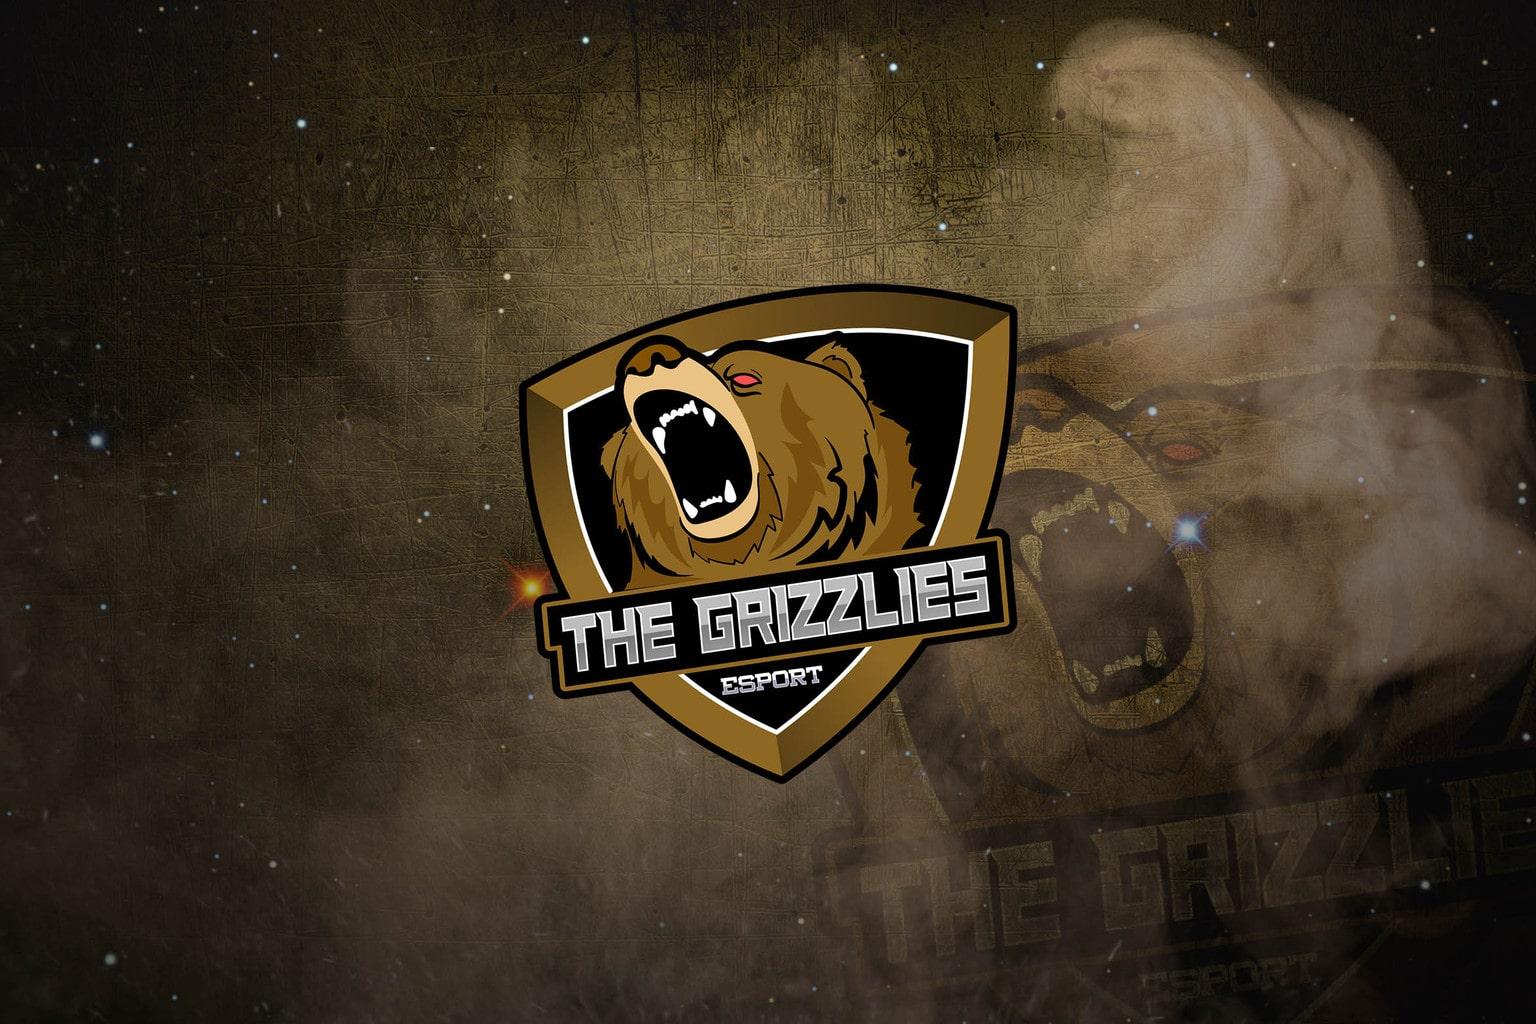 esport logo the grizzlies